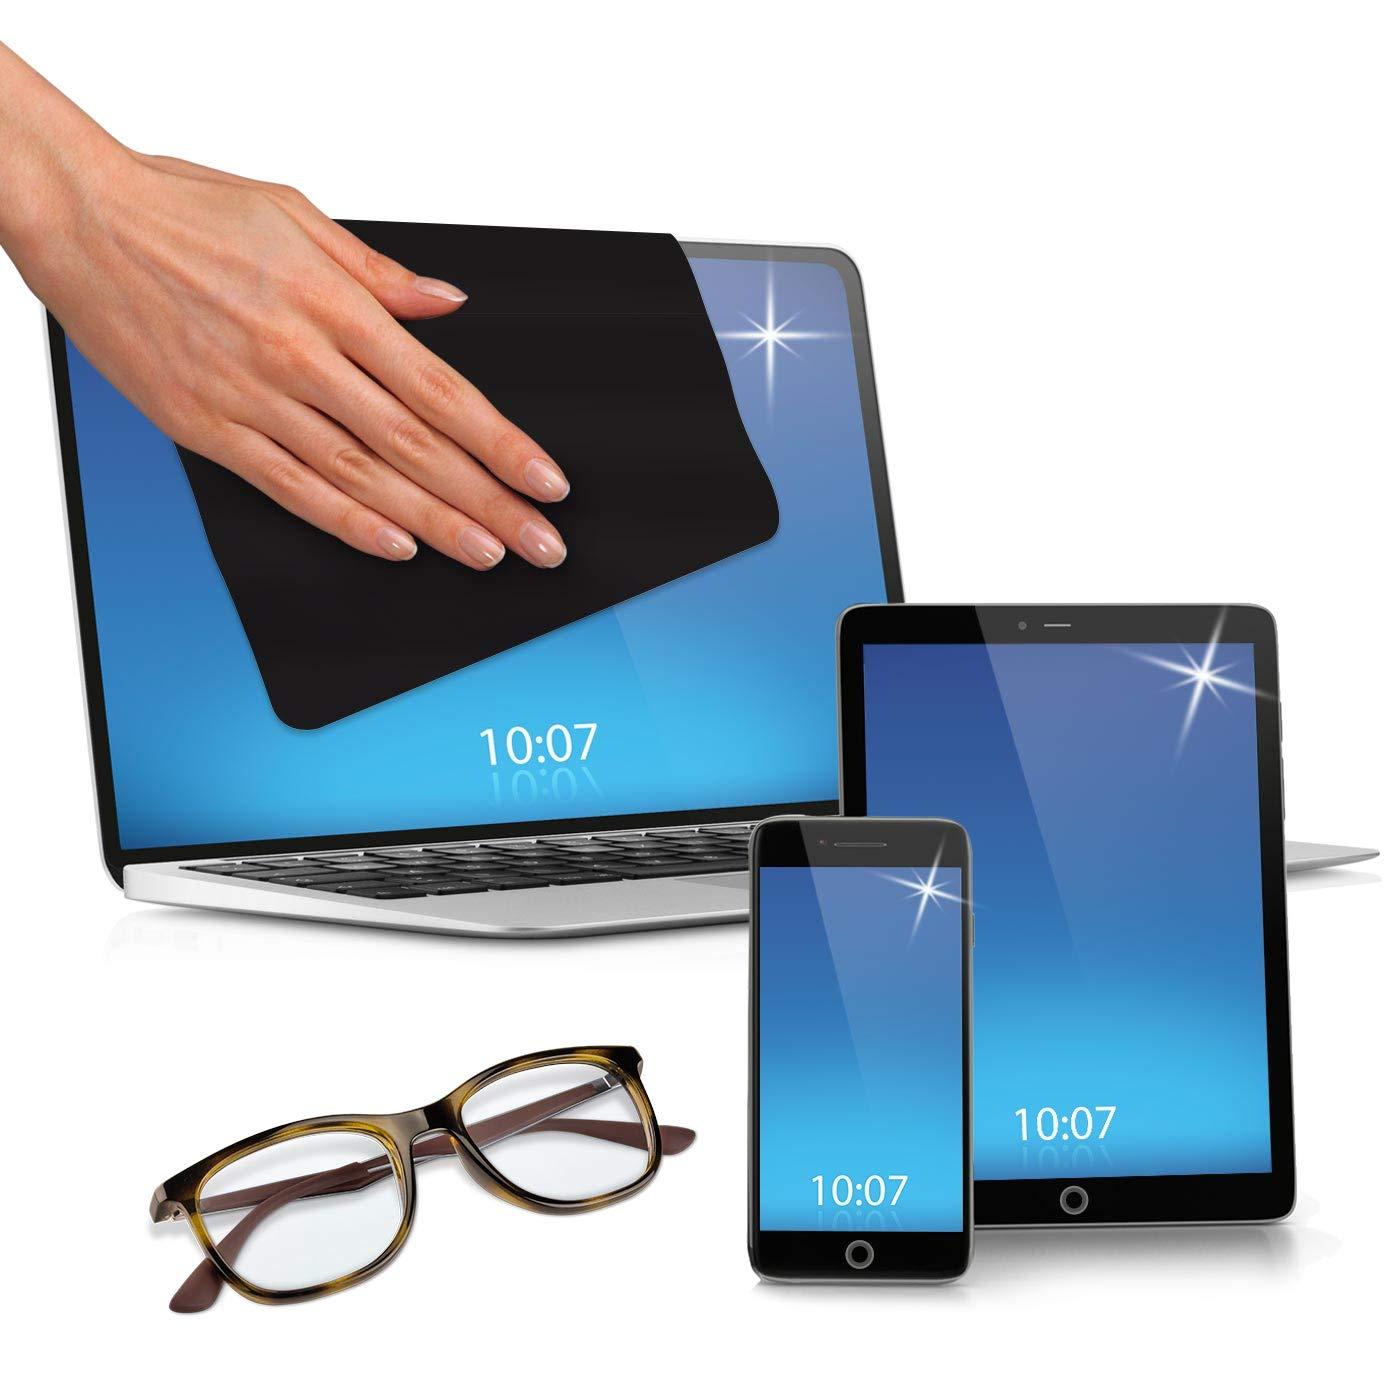 13 Zoll, Schwarz, 1 St/ück POLYCLEAN 1x Displaytuch Reinigungstuch f/ür Tablet Notebooks /& Laptops Schutztuch f/ür Bildschirm Tastatur /& Monitor